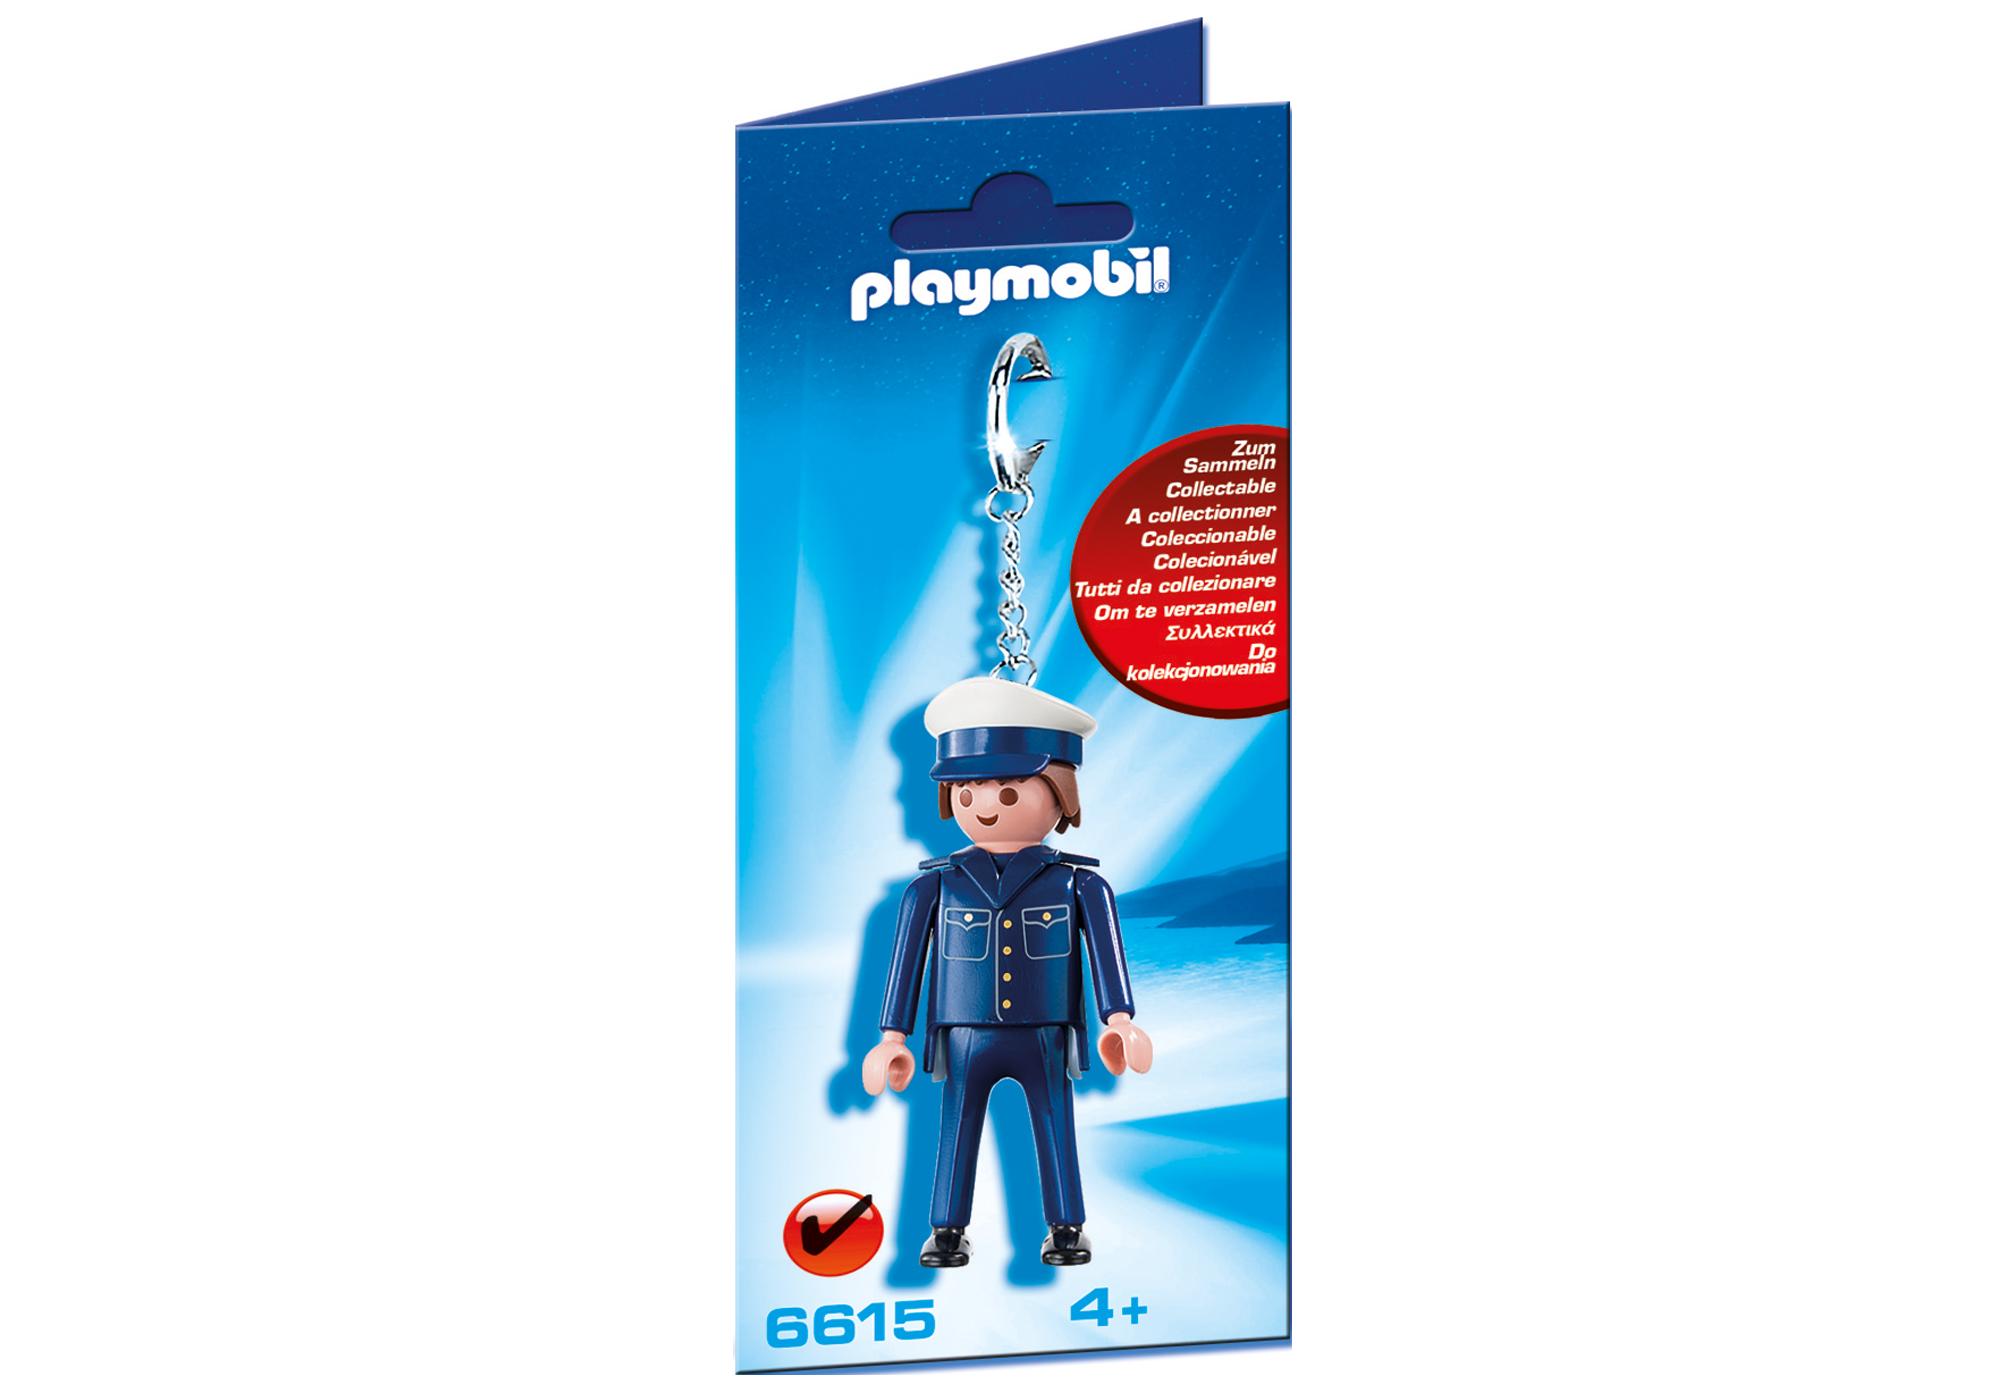 http://media.playmobil.com/i/playmobil/6615_product_box_front/Schlüsselanhänger Polizist